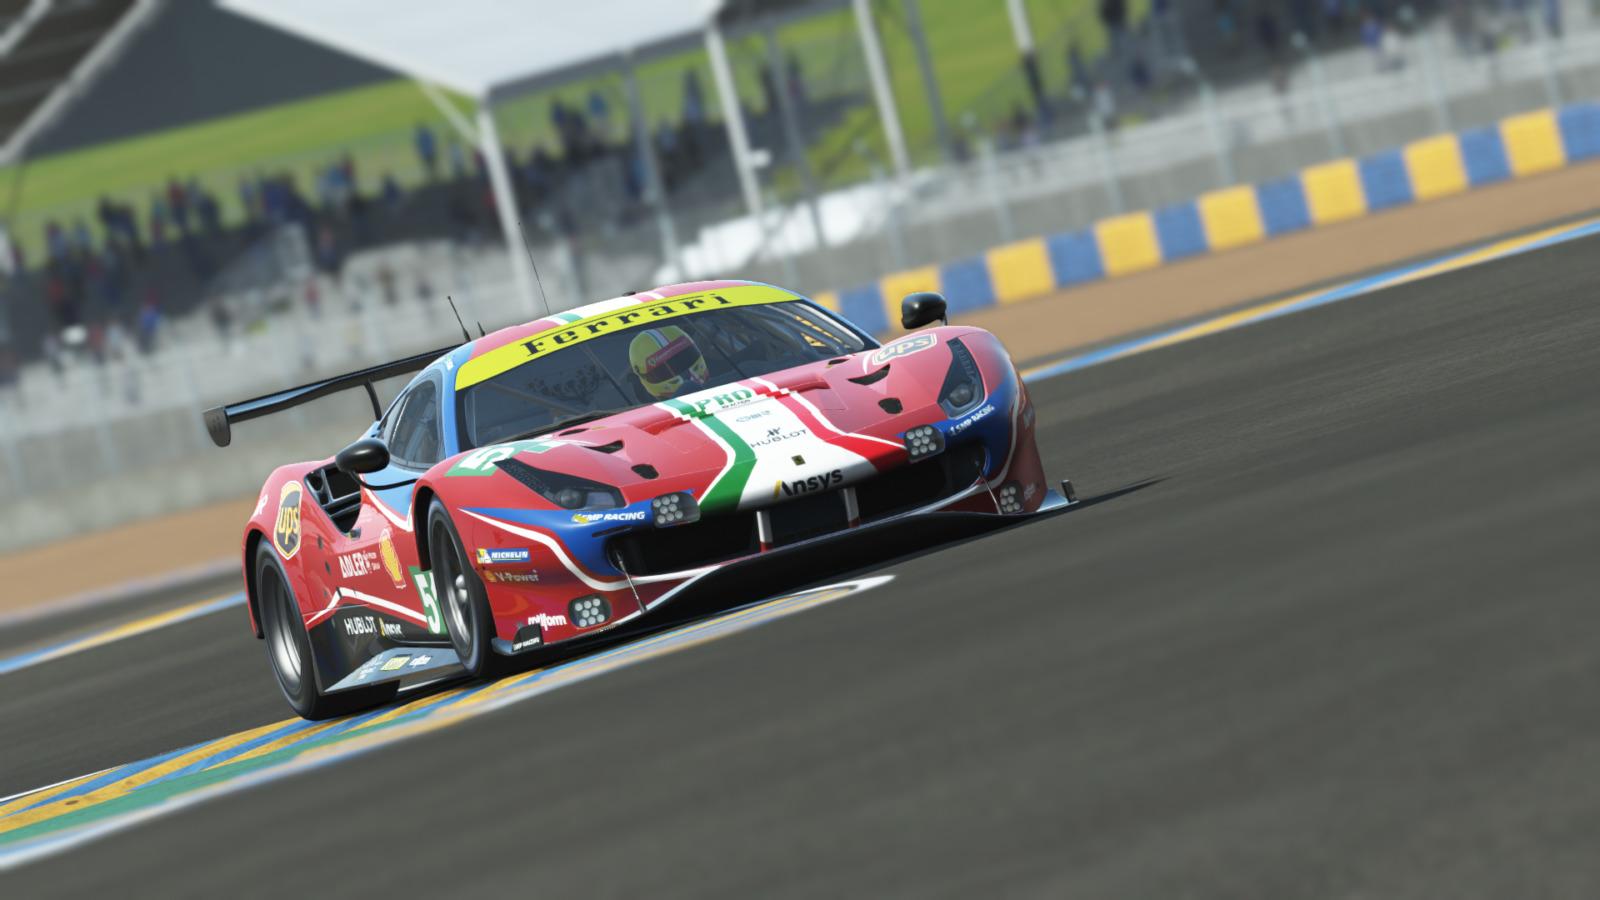 フェラーリが3台の488 GTEでル・マンを戦う! 仮想空間の24時間耐久レースにプロレーサーもこぞって参戦